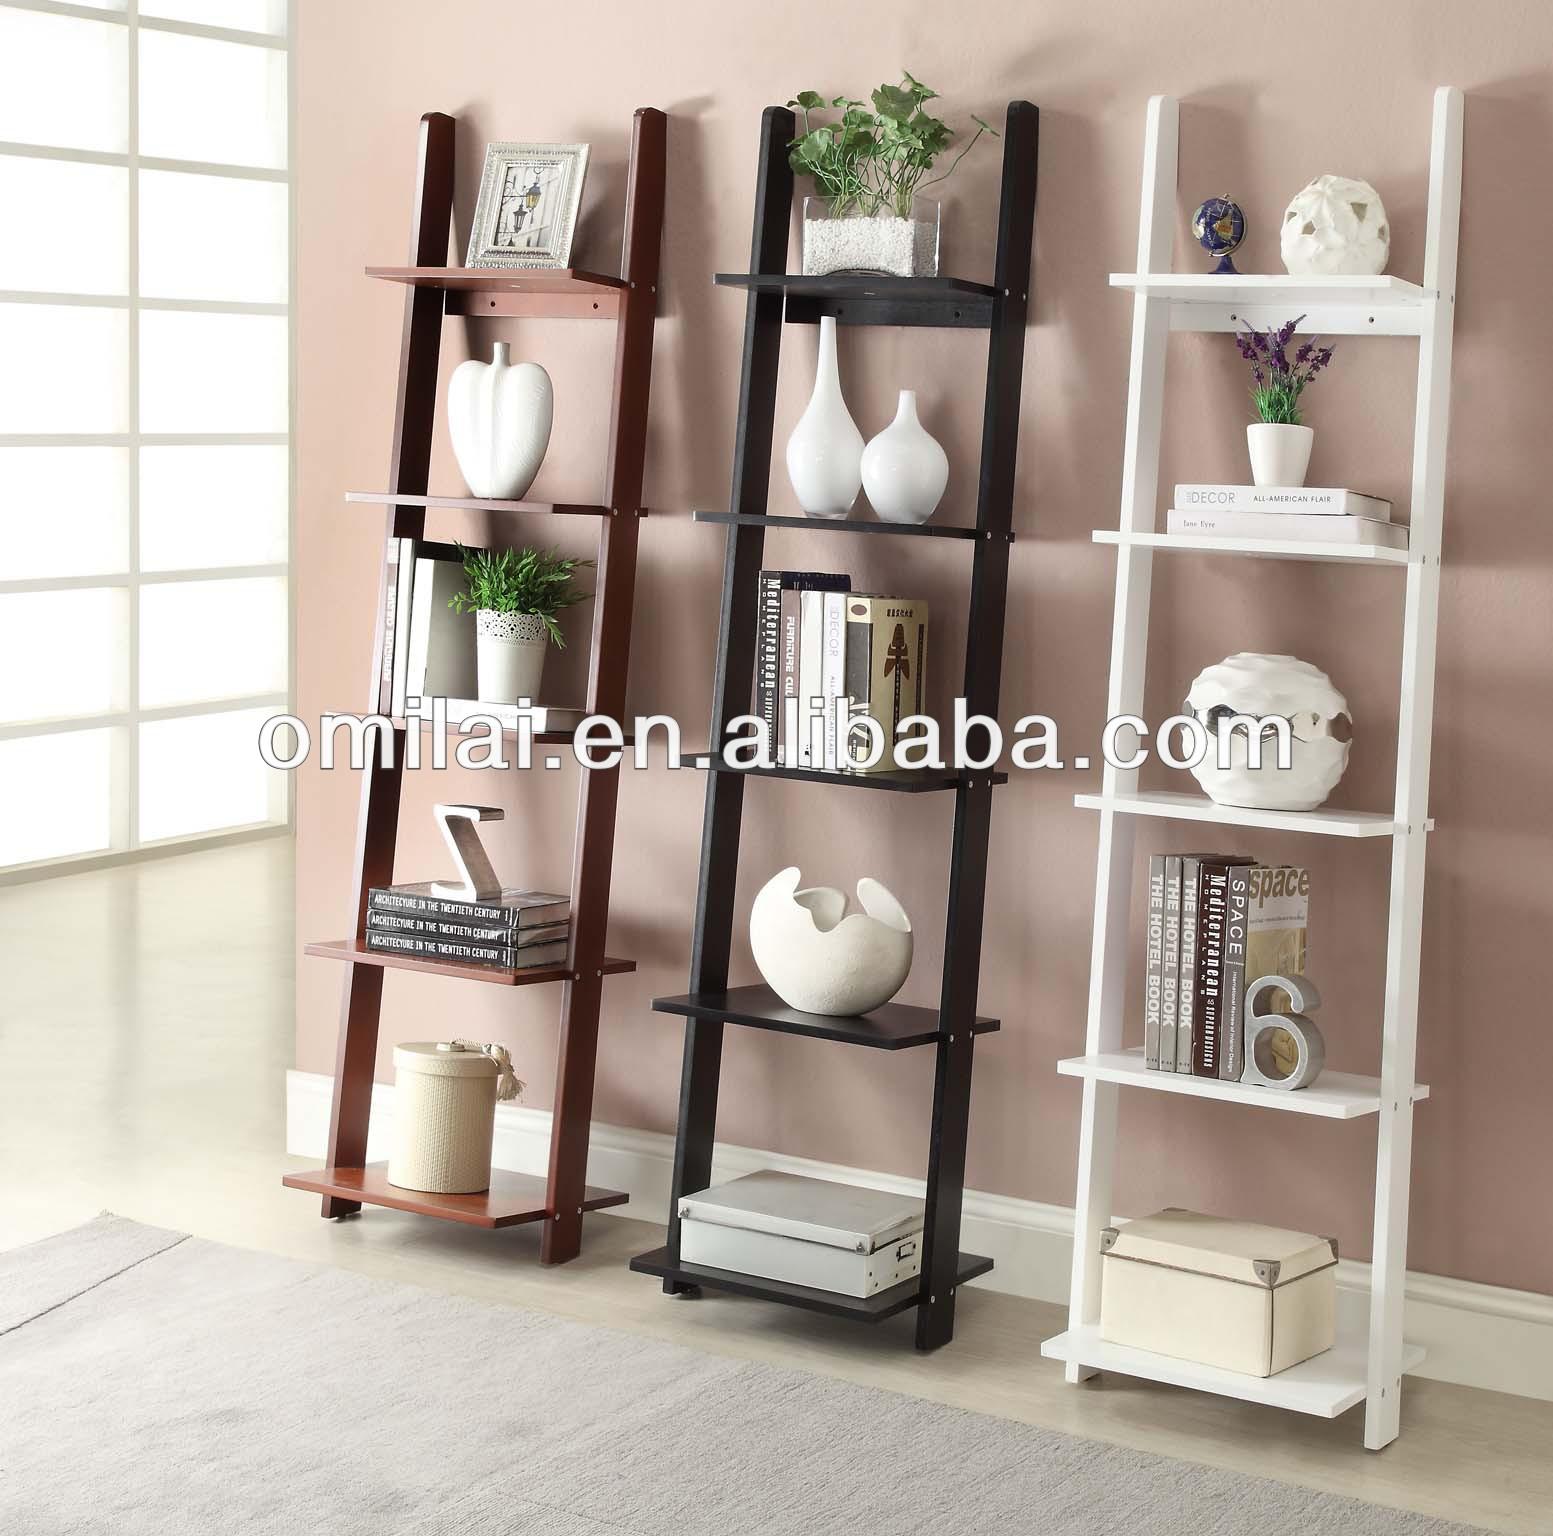 mur tag re d coratifs chelles dans le salon meubles en bois id de produit 1762800933 french. Black Bedroom Furniture Sets. Home Design Ideas